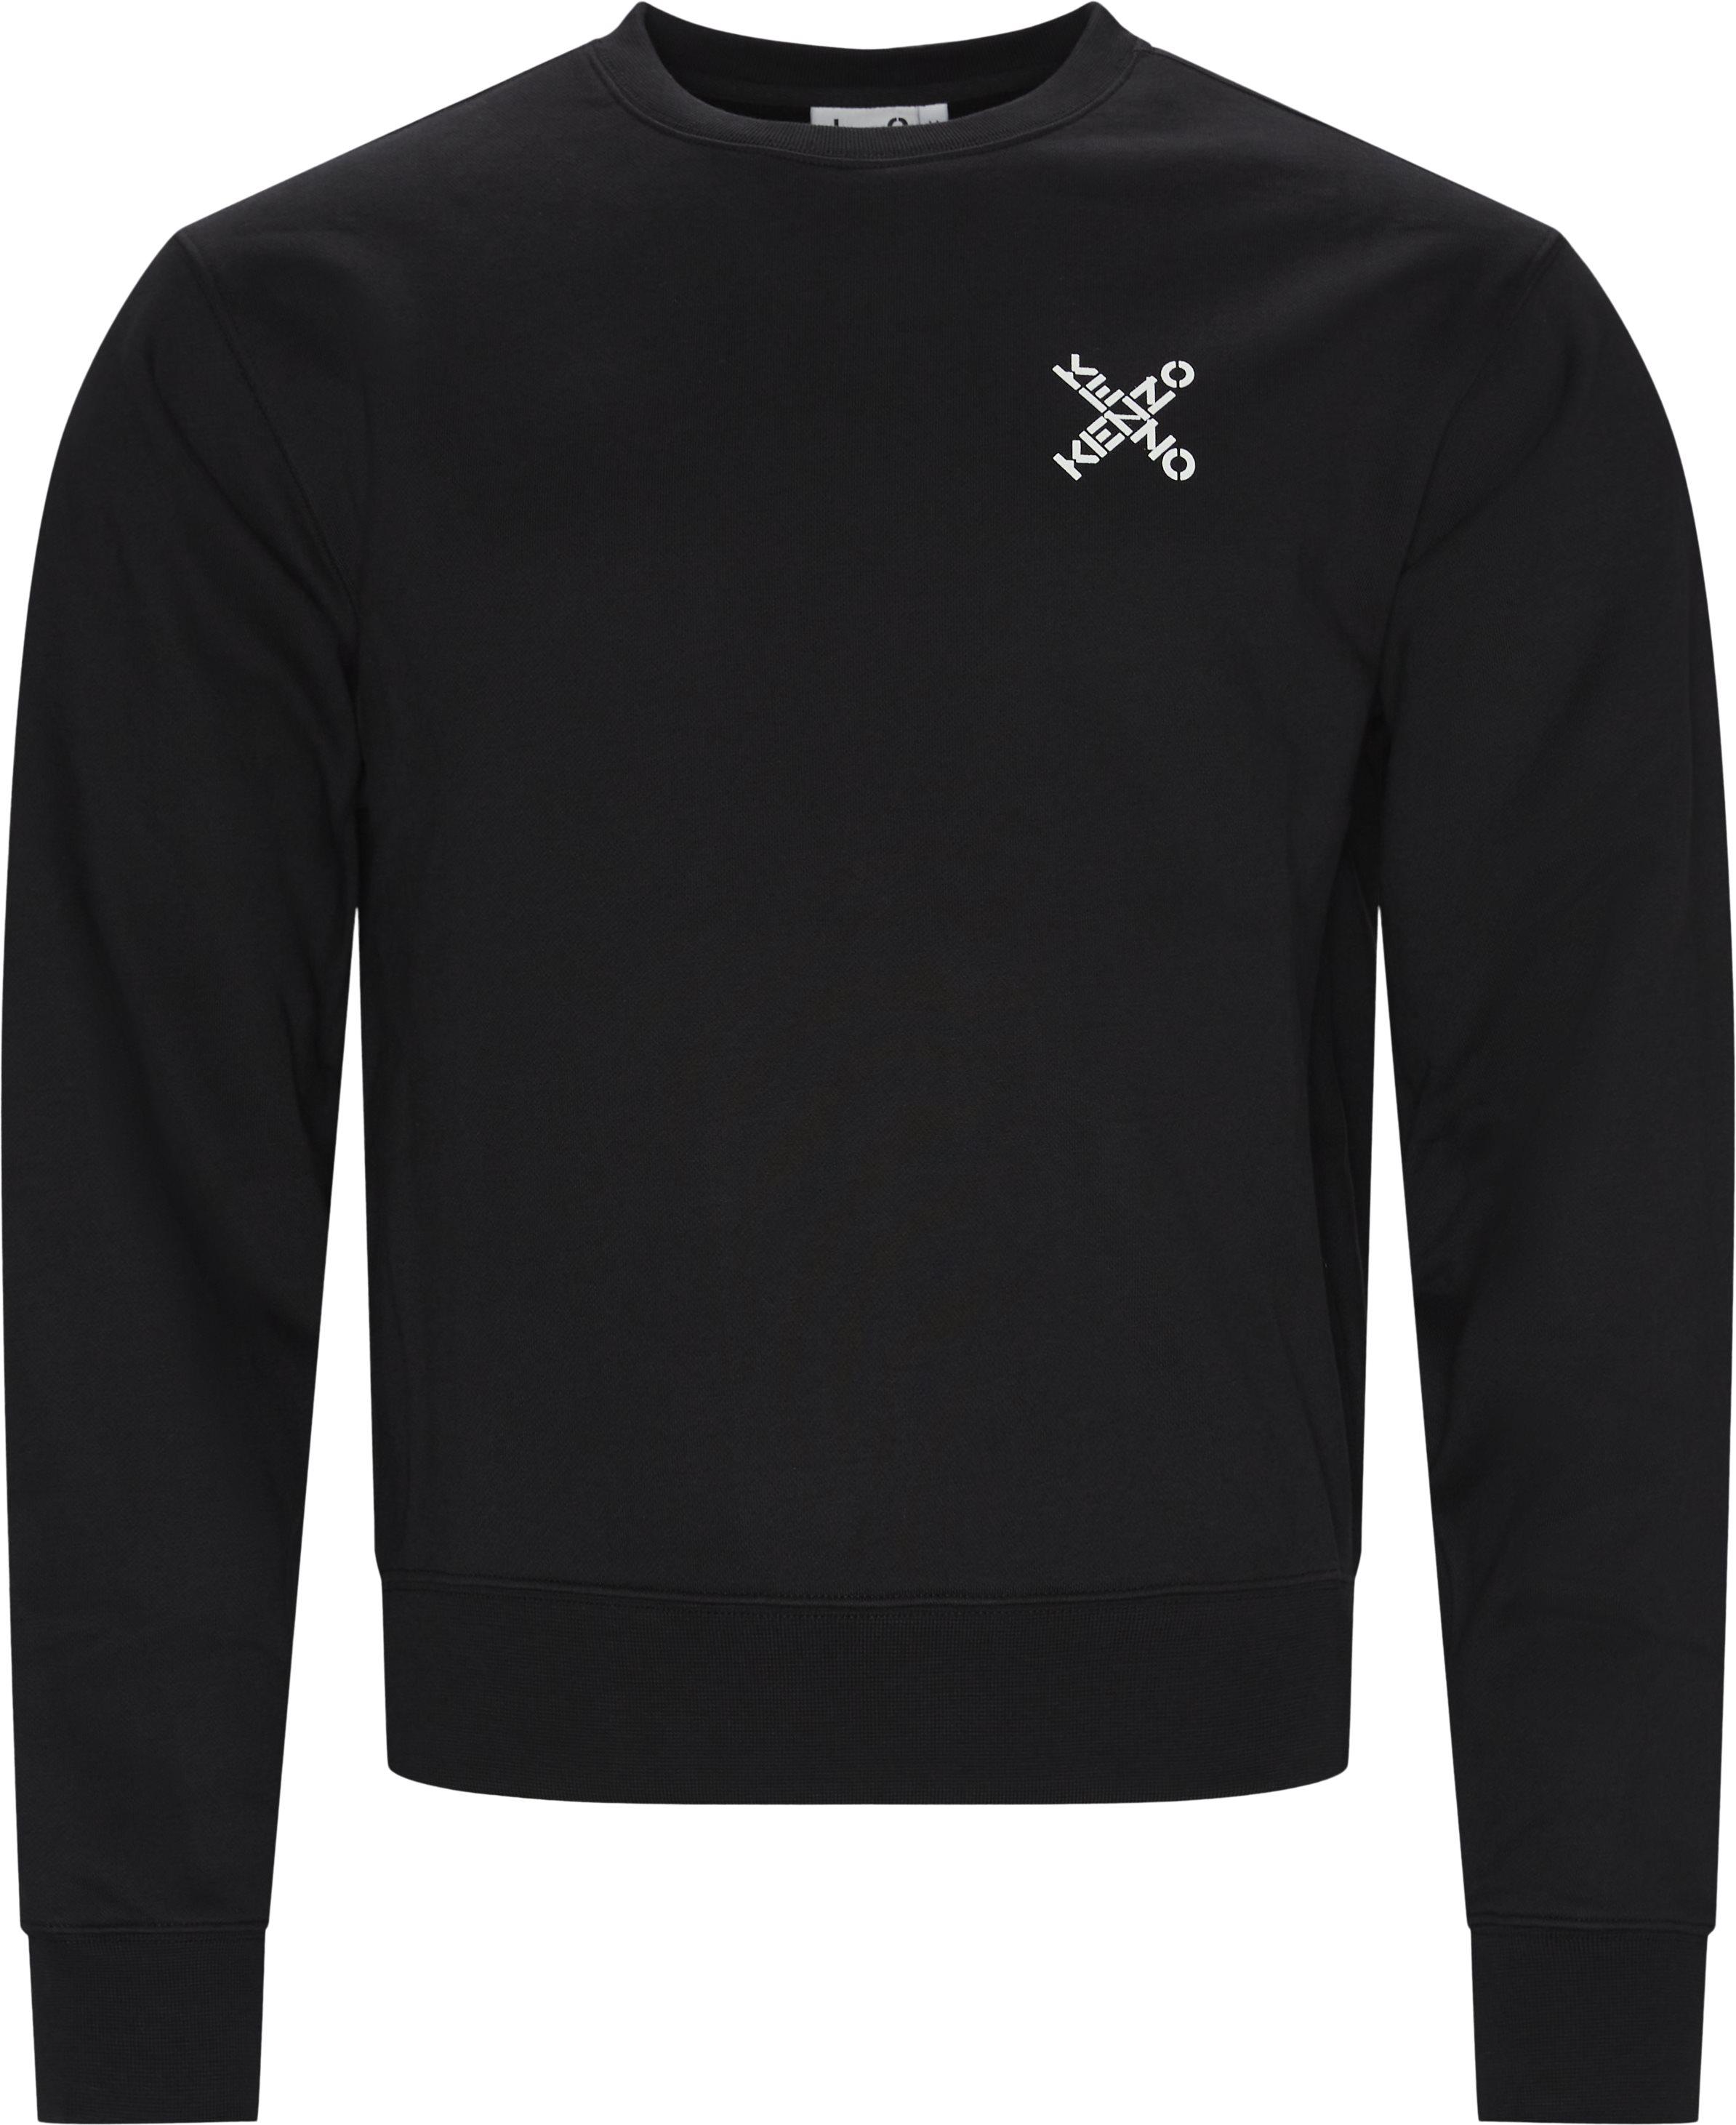 Sweatshirts - Oversize fit - Sort